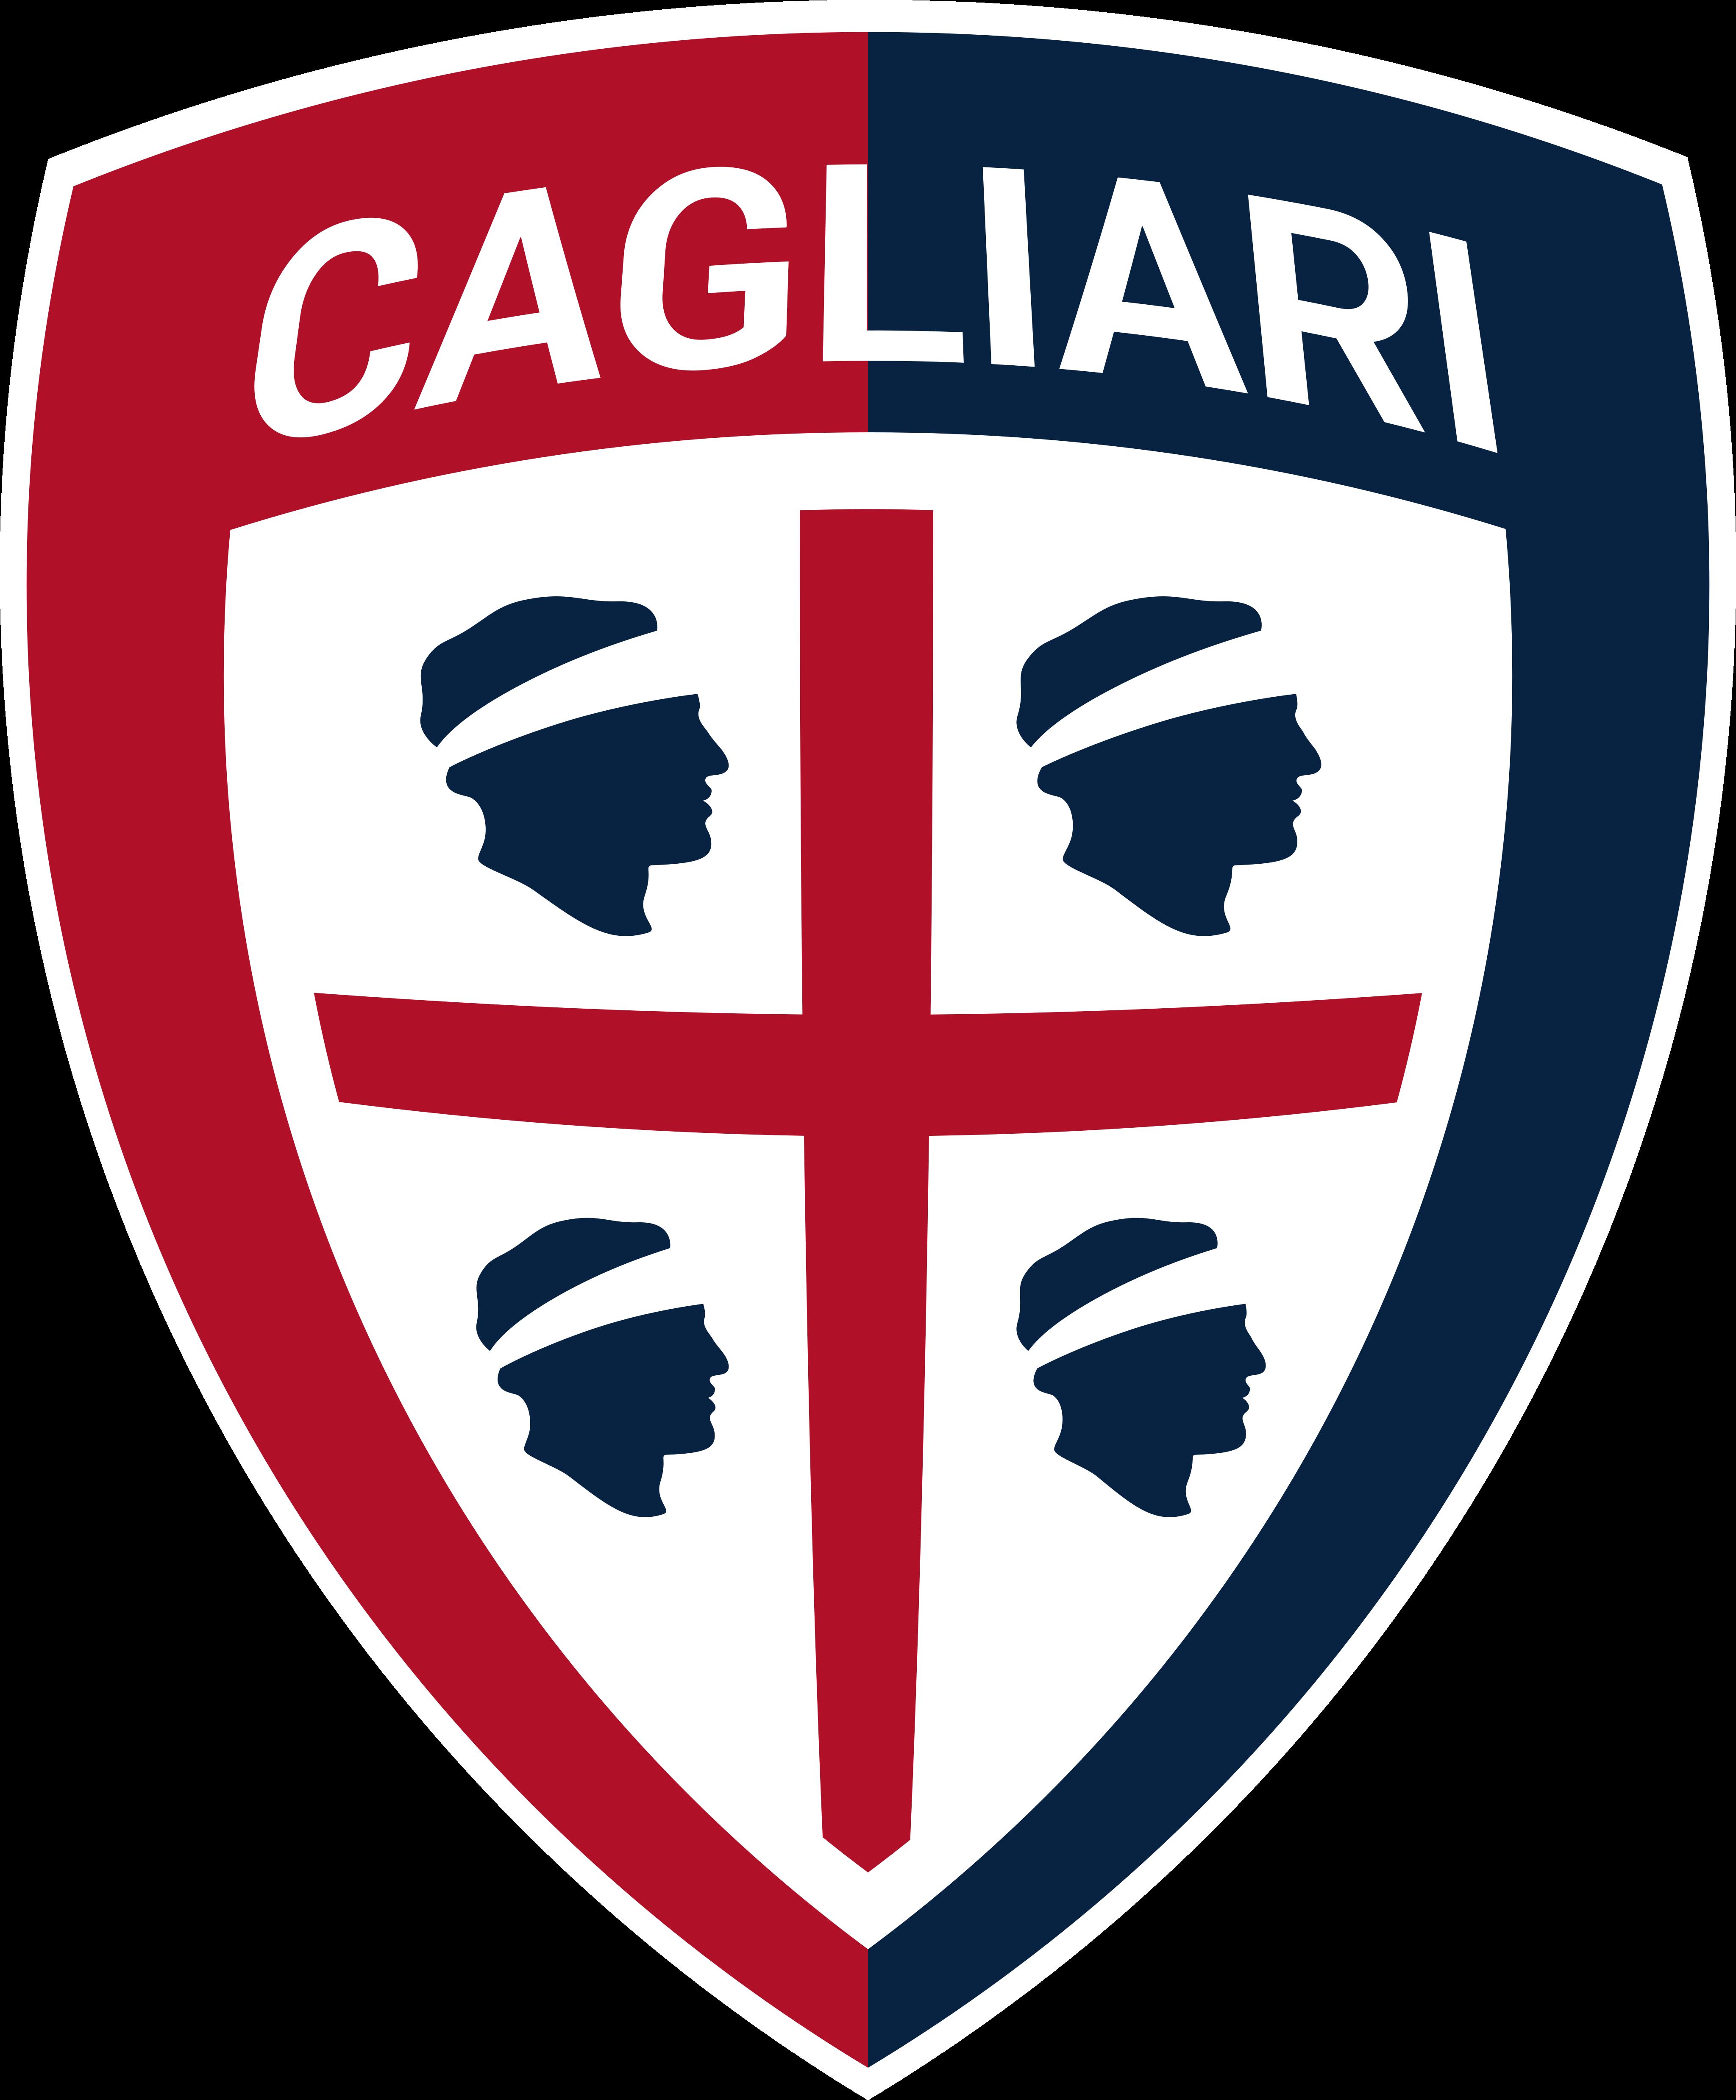 Cagliari Logo.